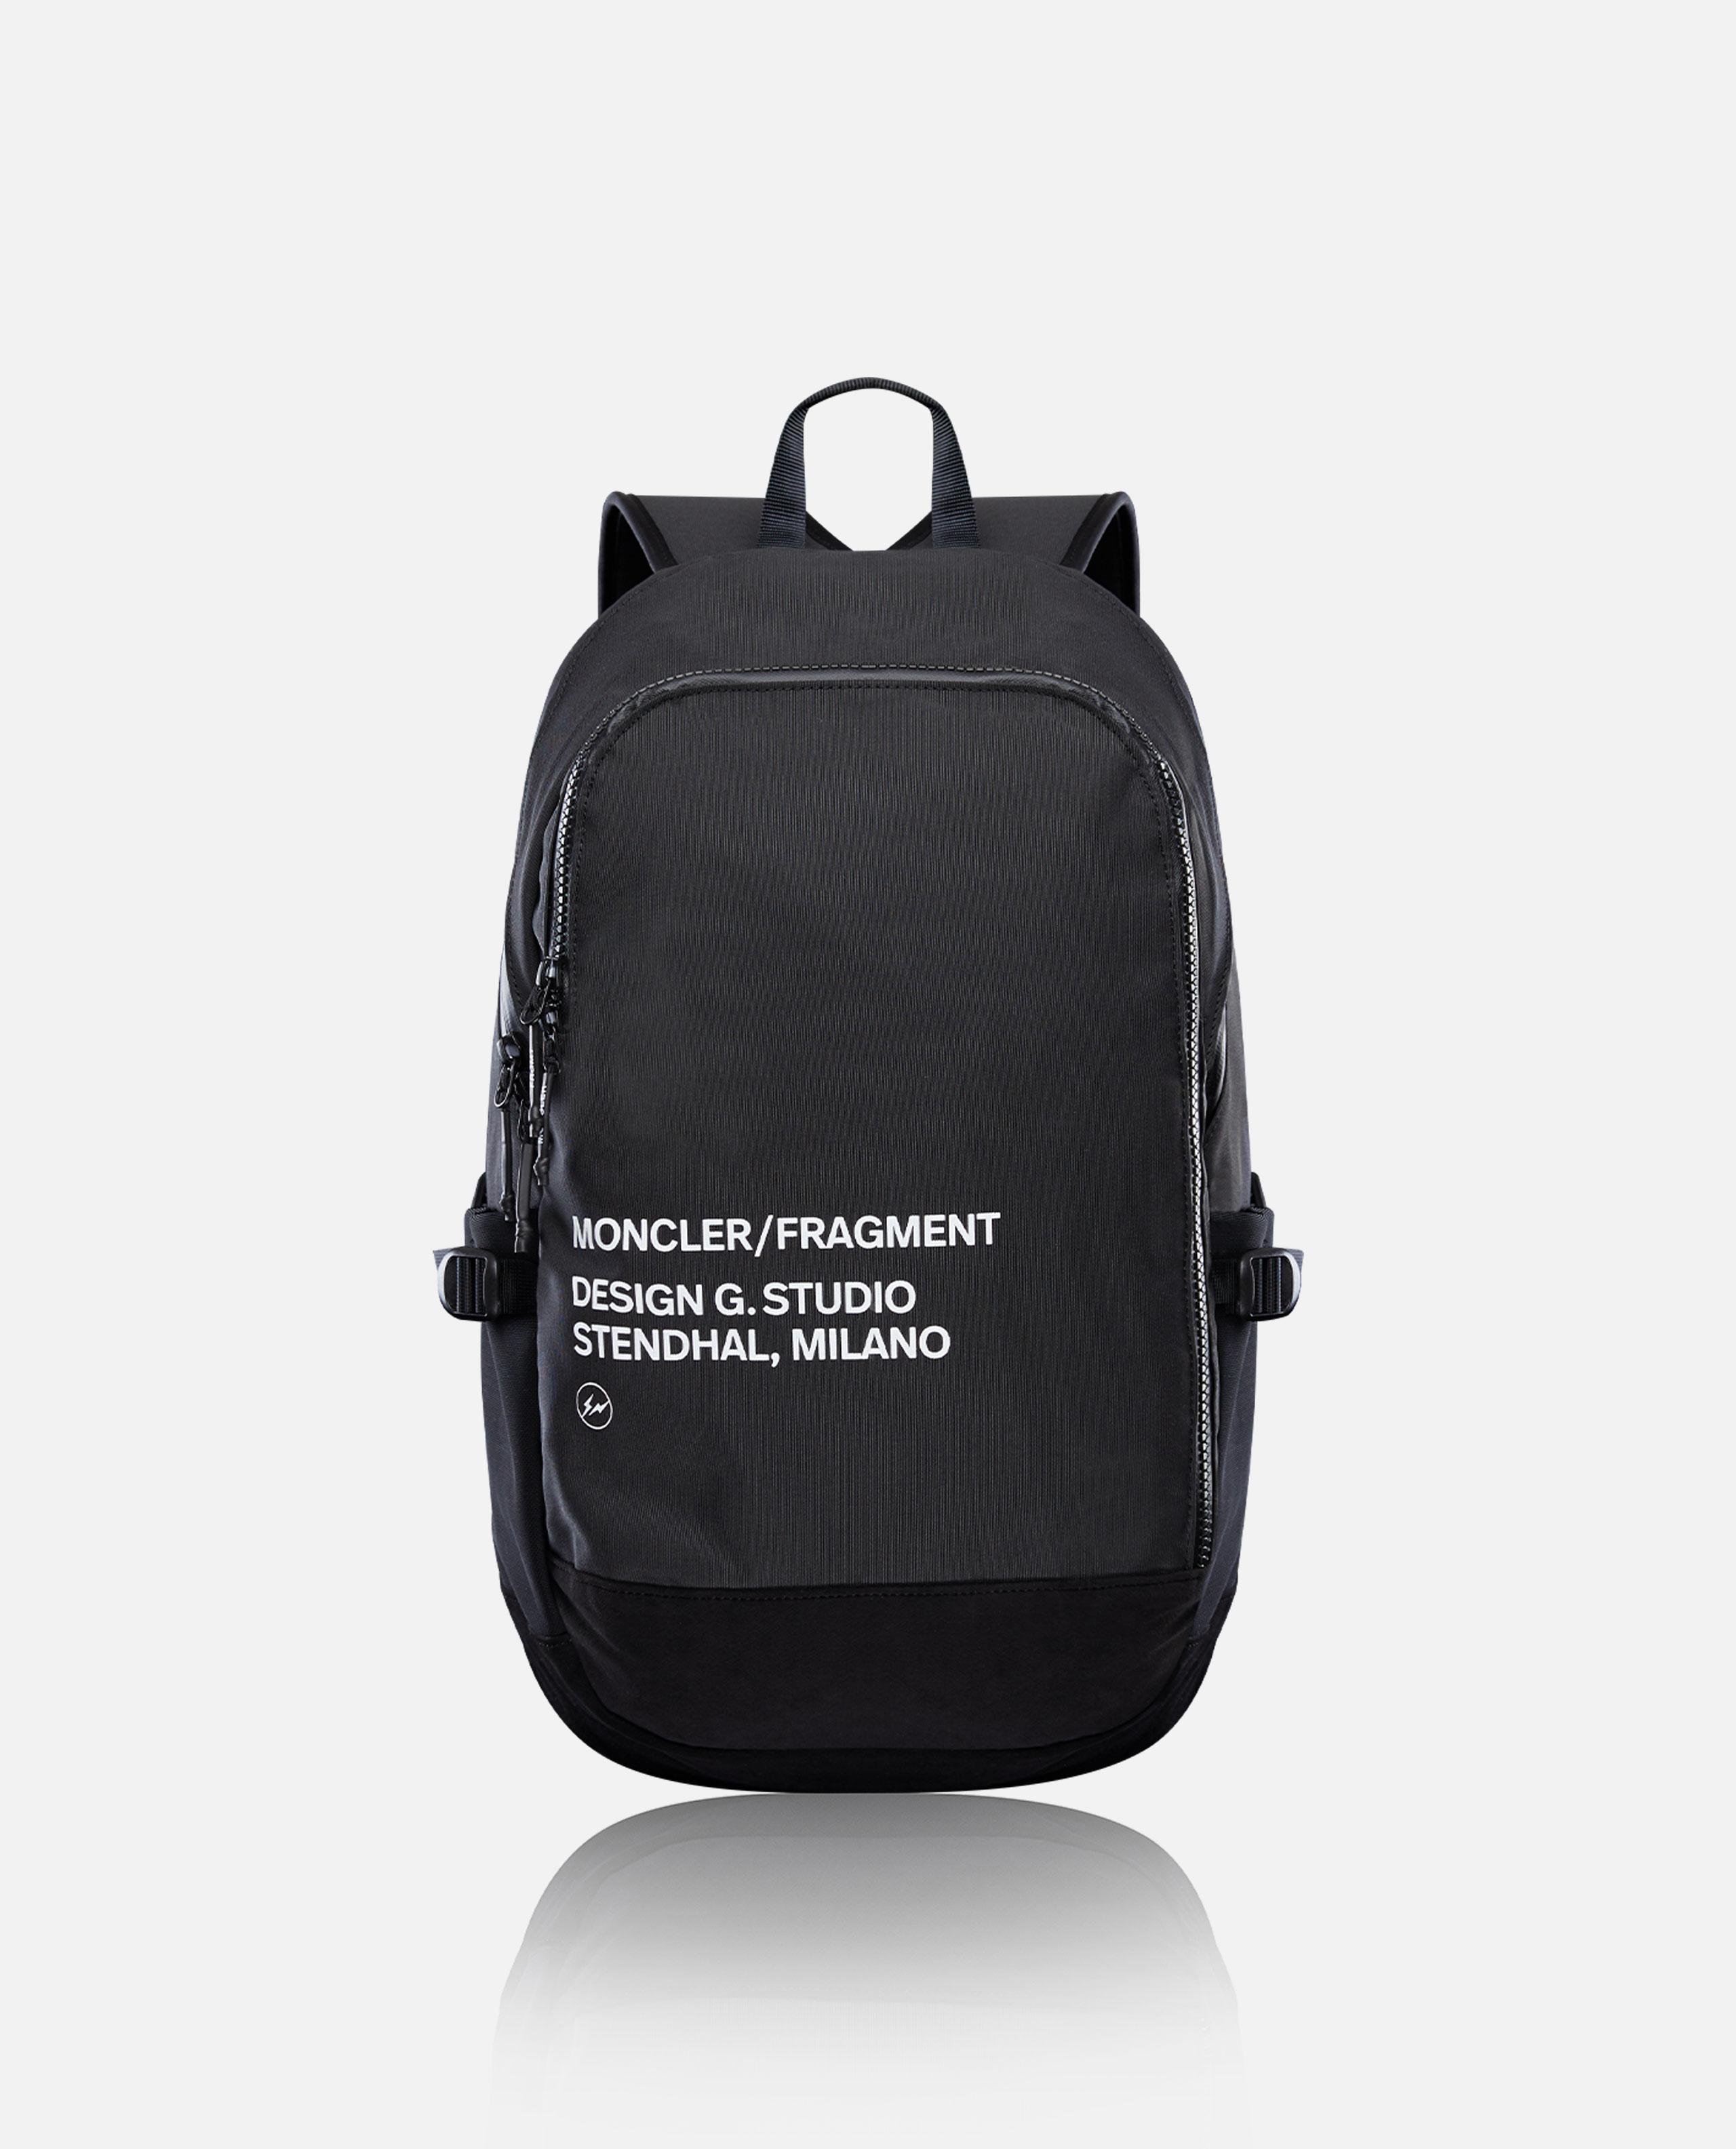 7 Moncler Fragment Hiroshi Fujiwara backpack